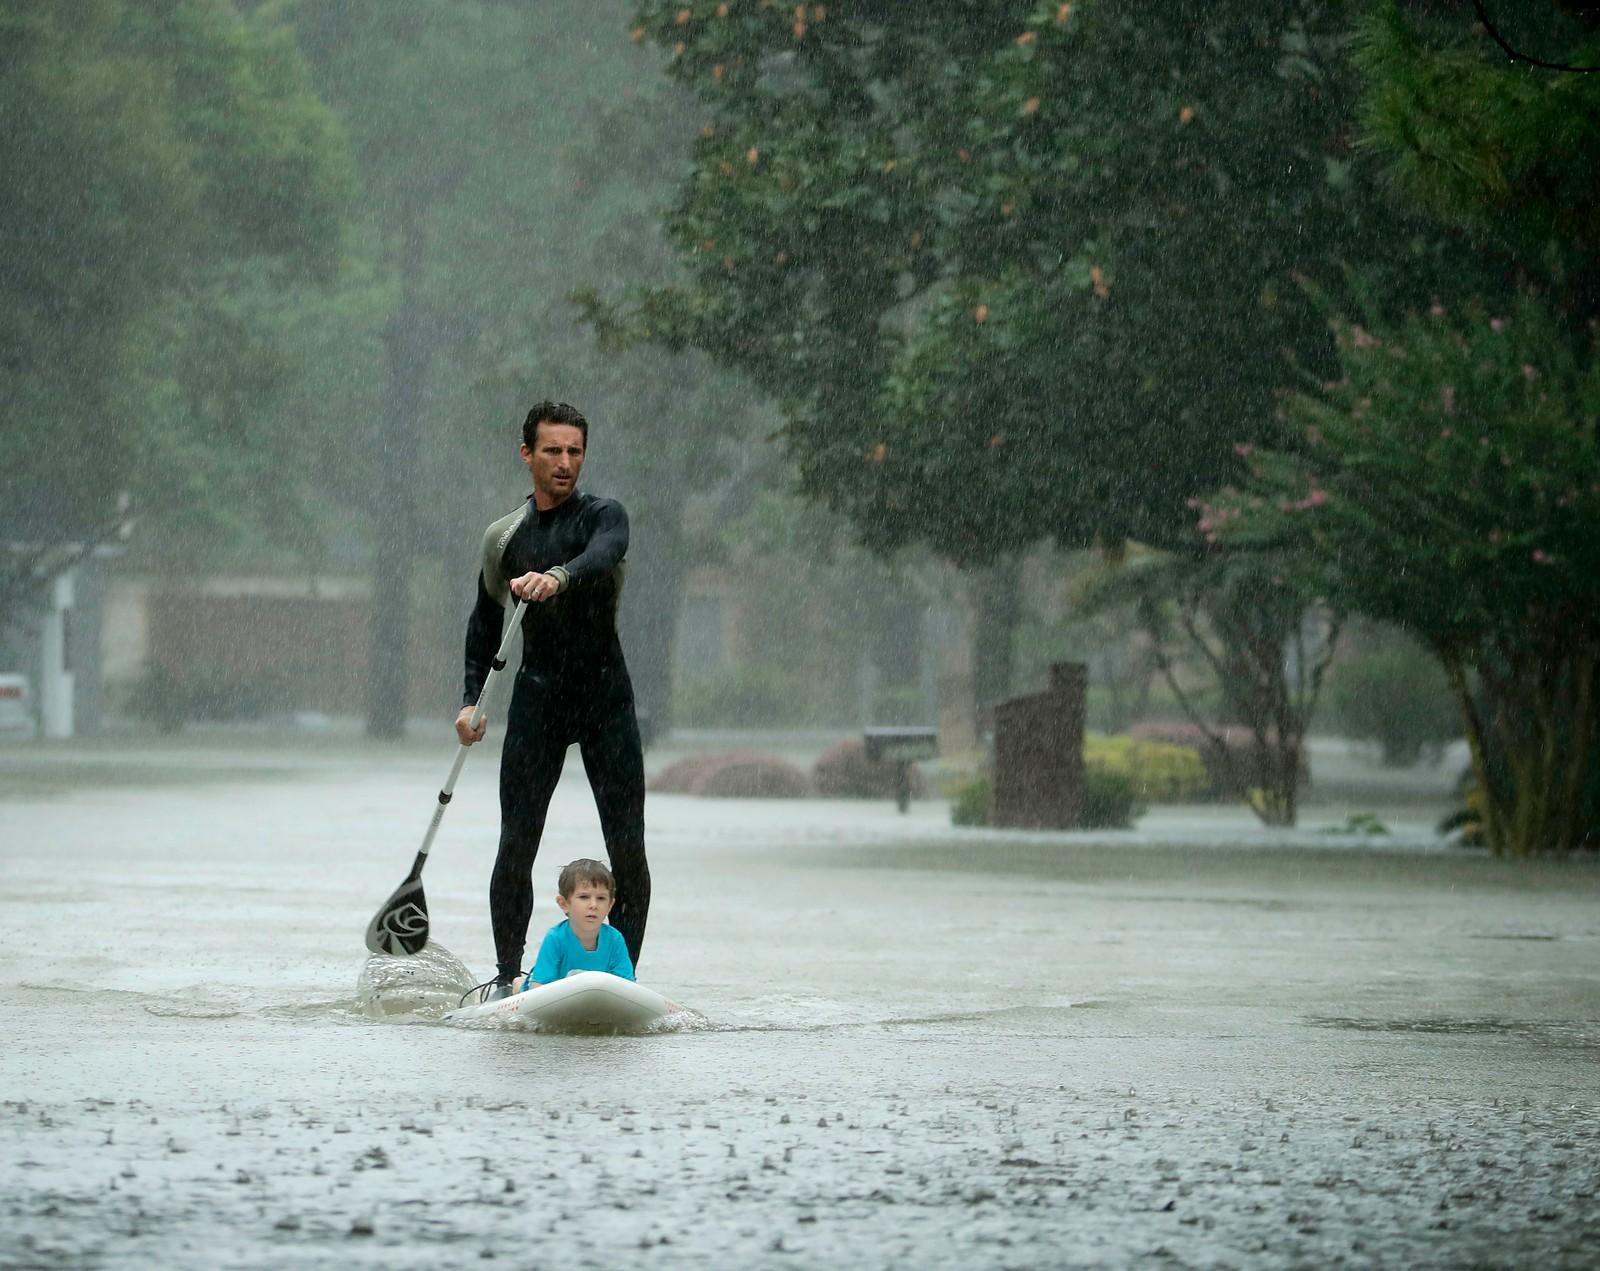 Orkanen Harvey har ført til store flommer i Houston i Texas. Alexendre Jorge evakuerer fire år gamle Ethan Colman.